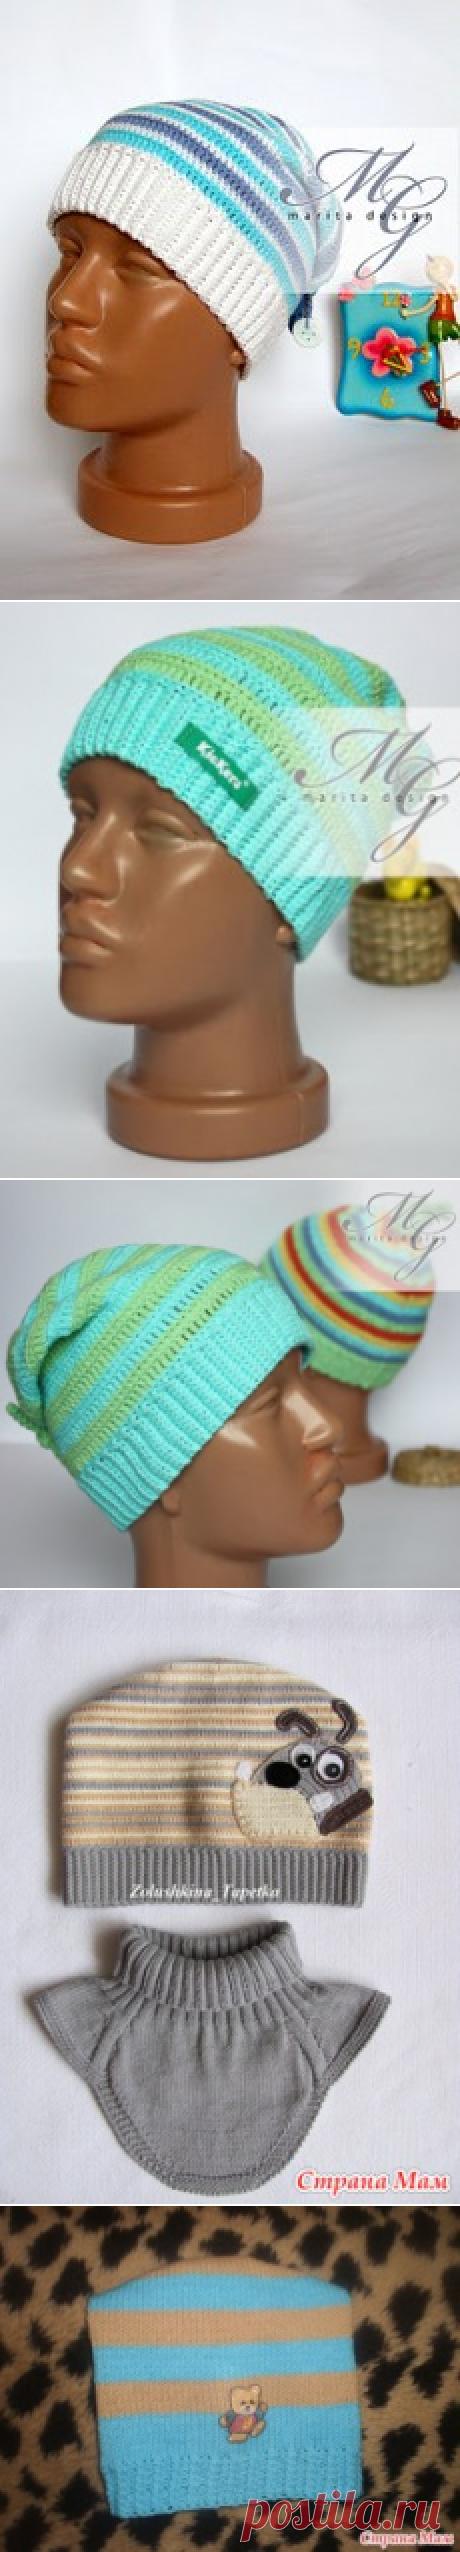 Вязаная шапочка для мальчика | Что на голову?